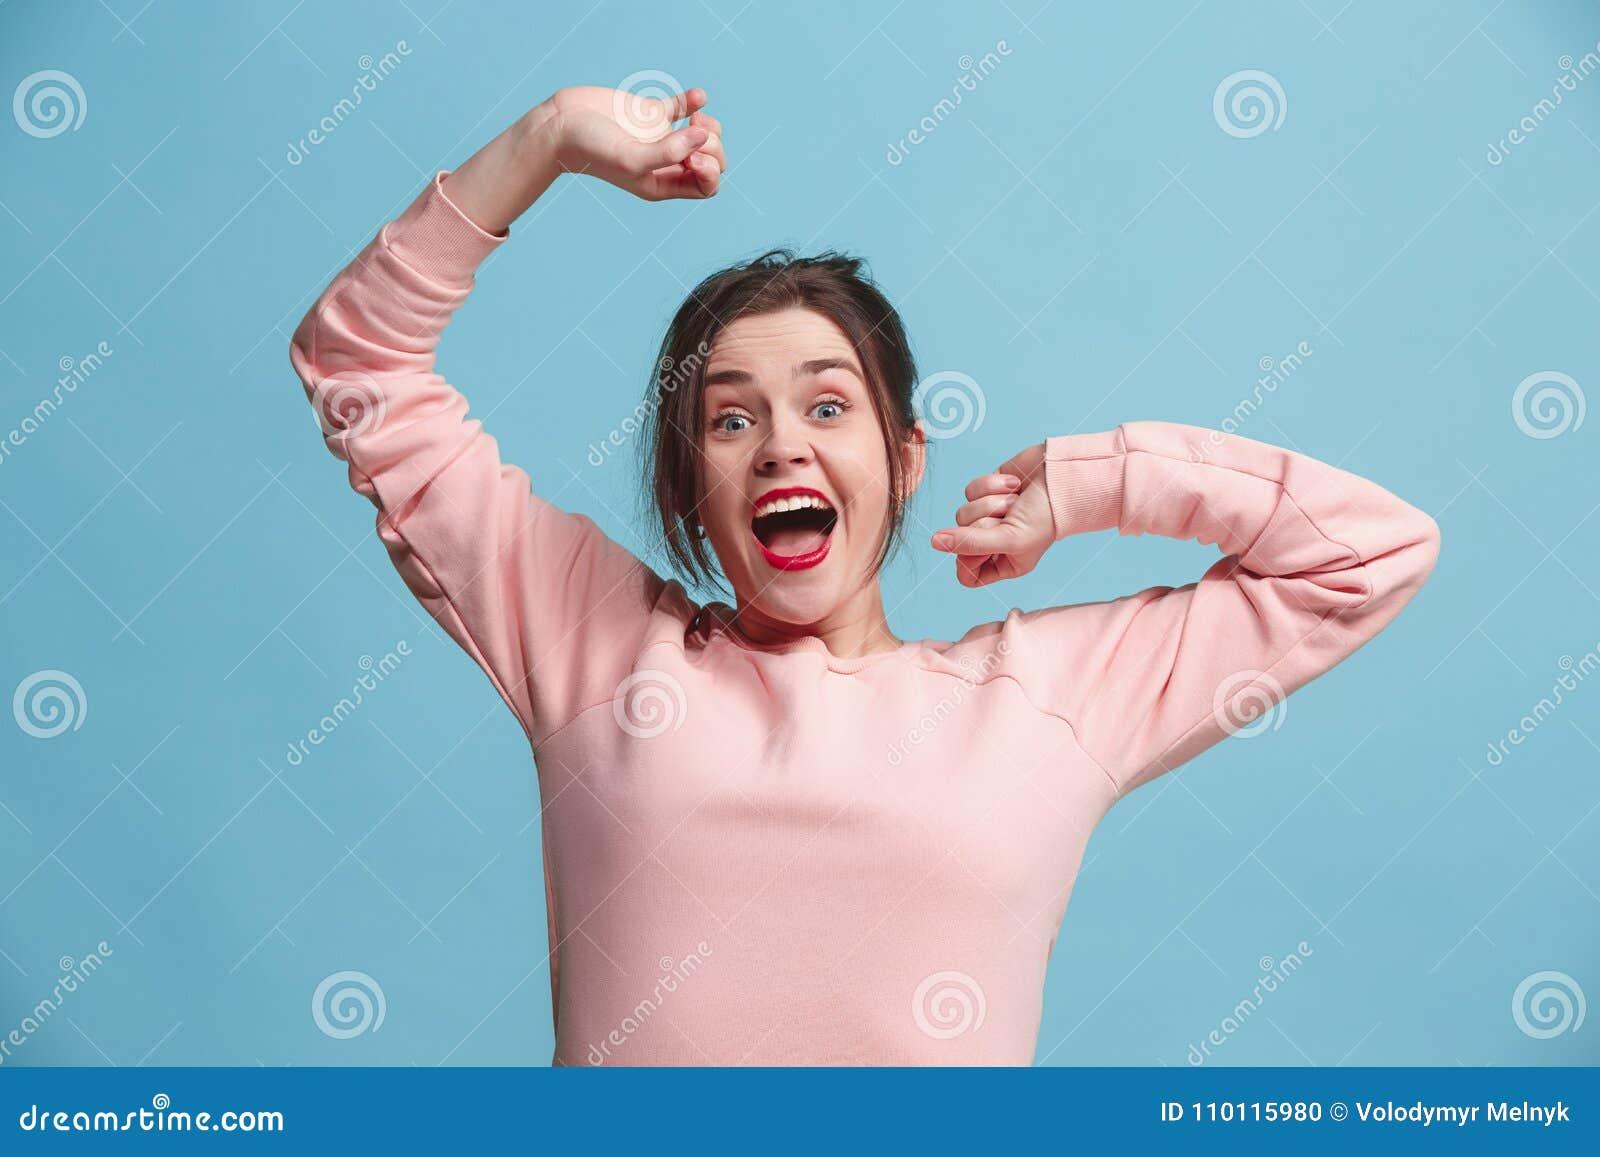 Celebración extática feliz de la mujer del éxito que gana siendo un ganador Imagen enérgica dinámica del modelo femenino